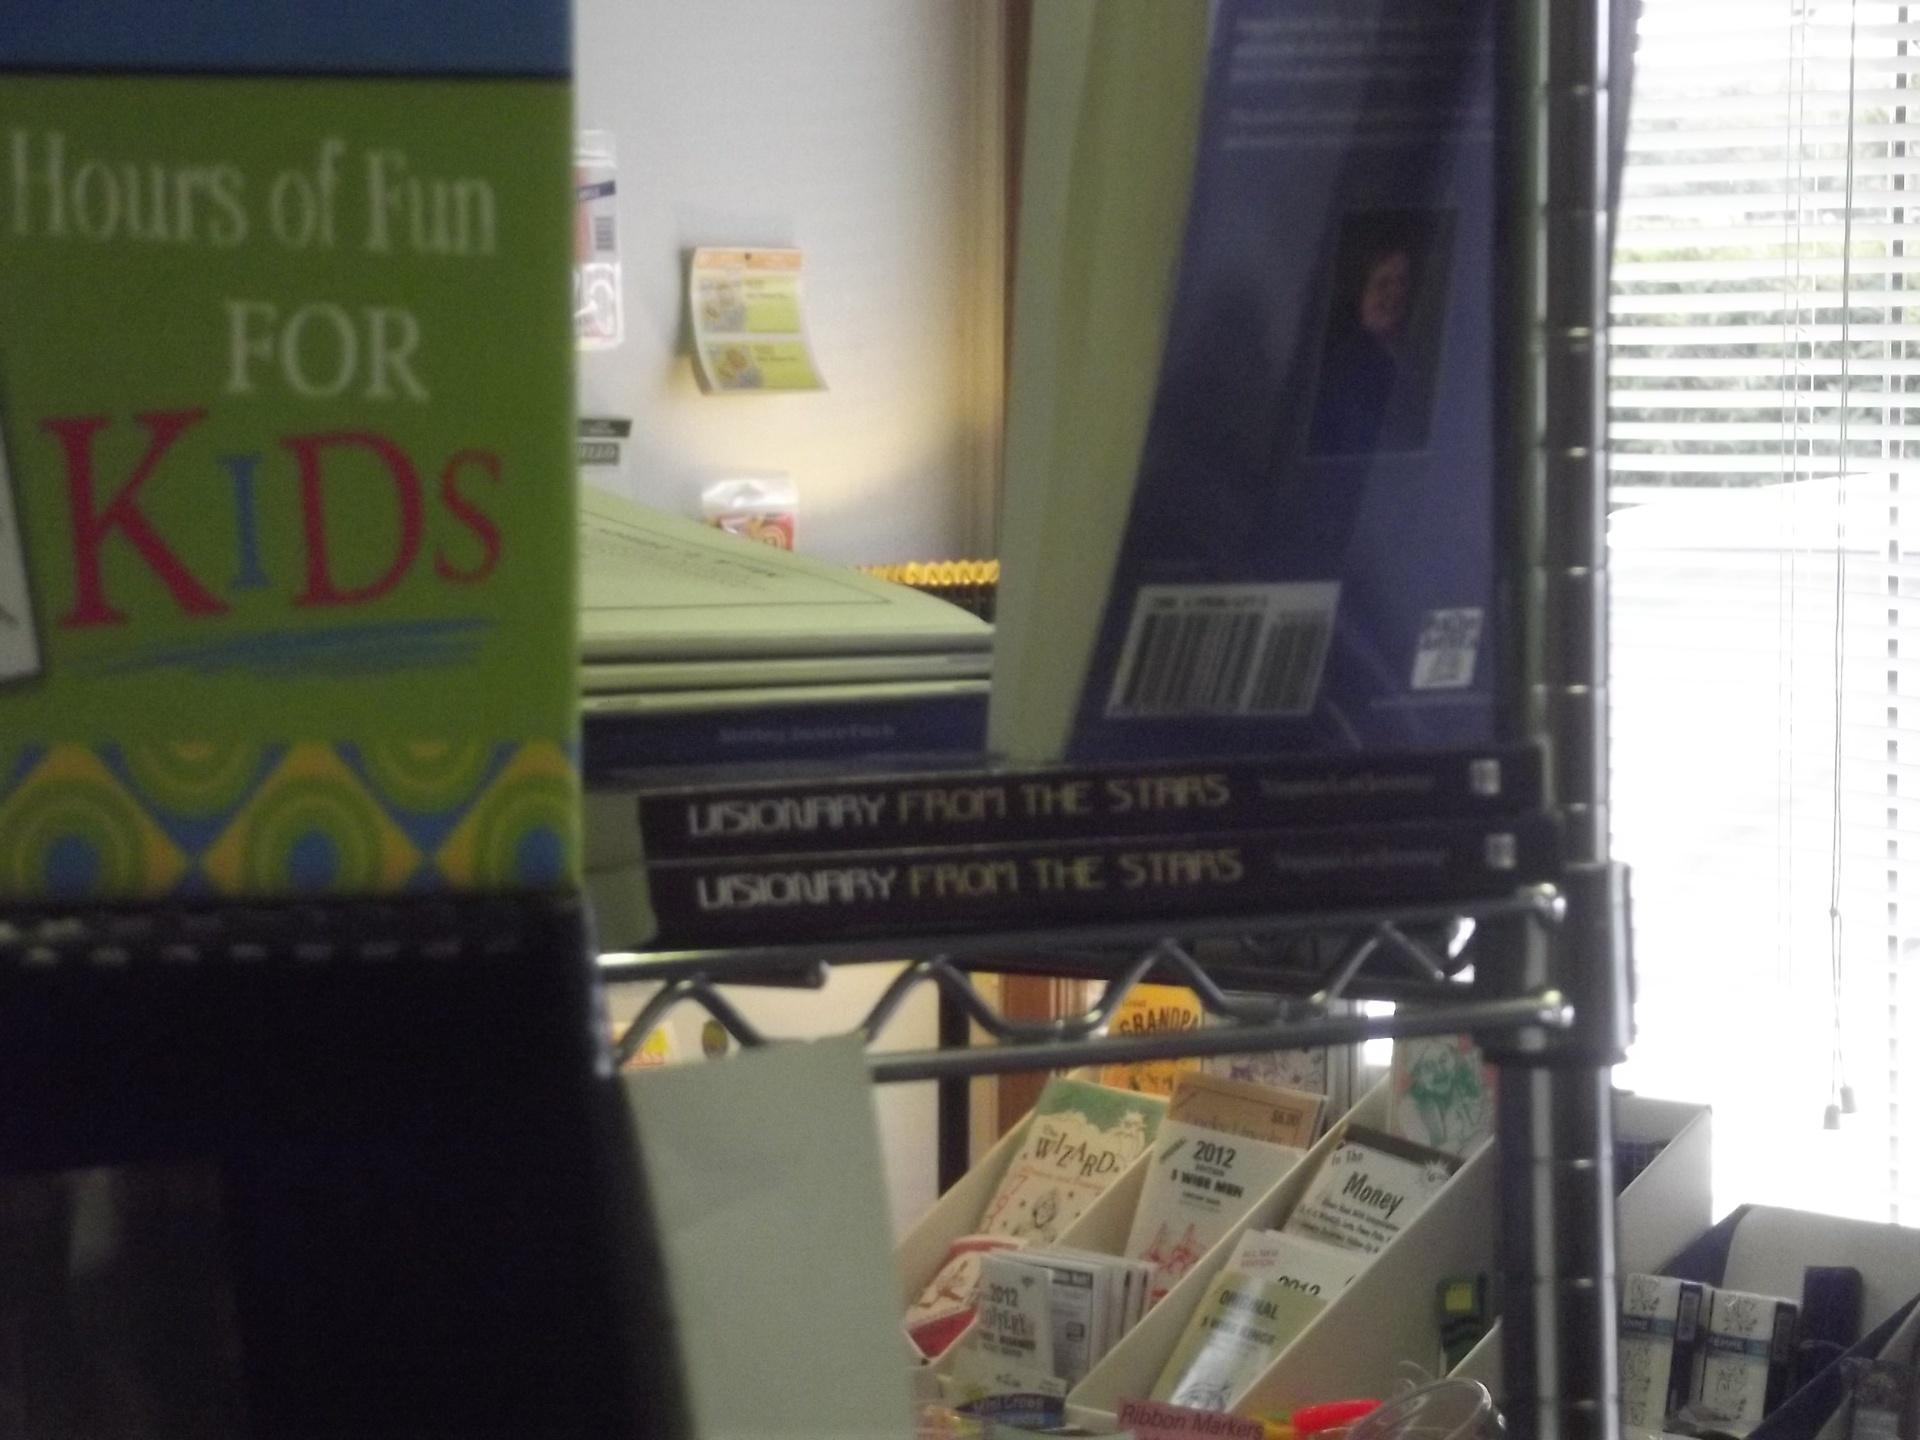 My books on a shelf in a Bookstore!